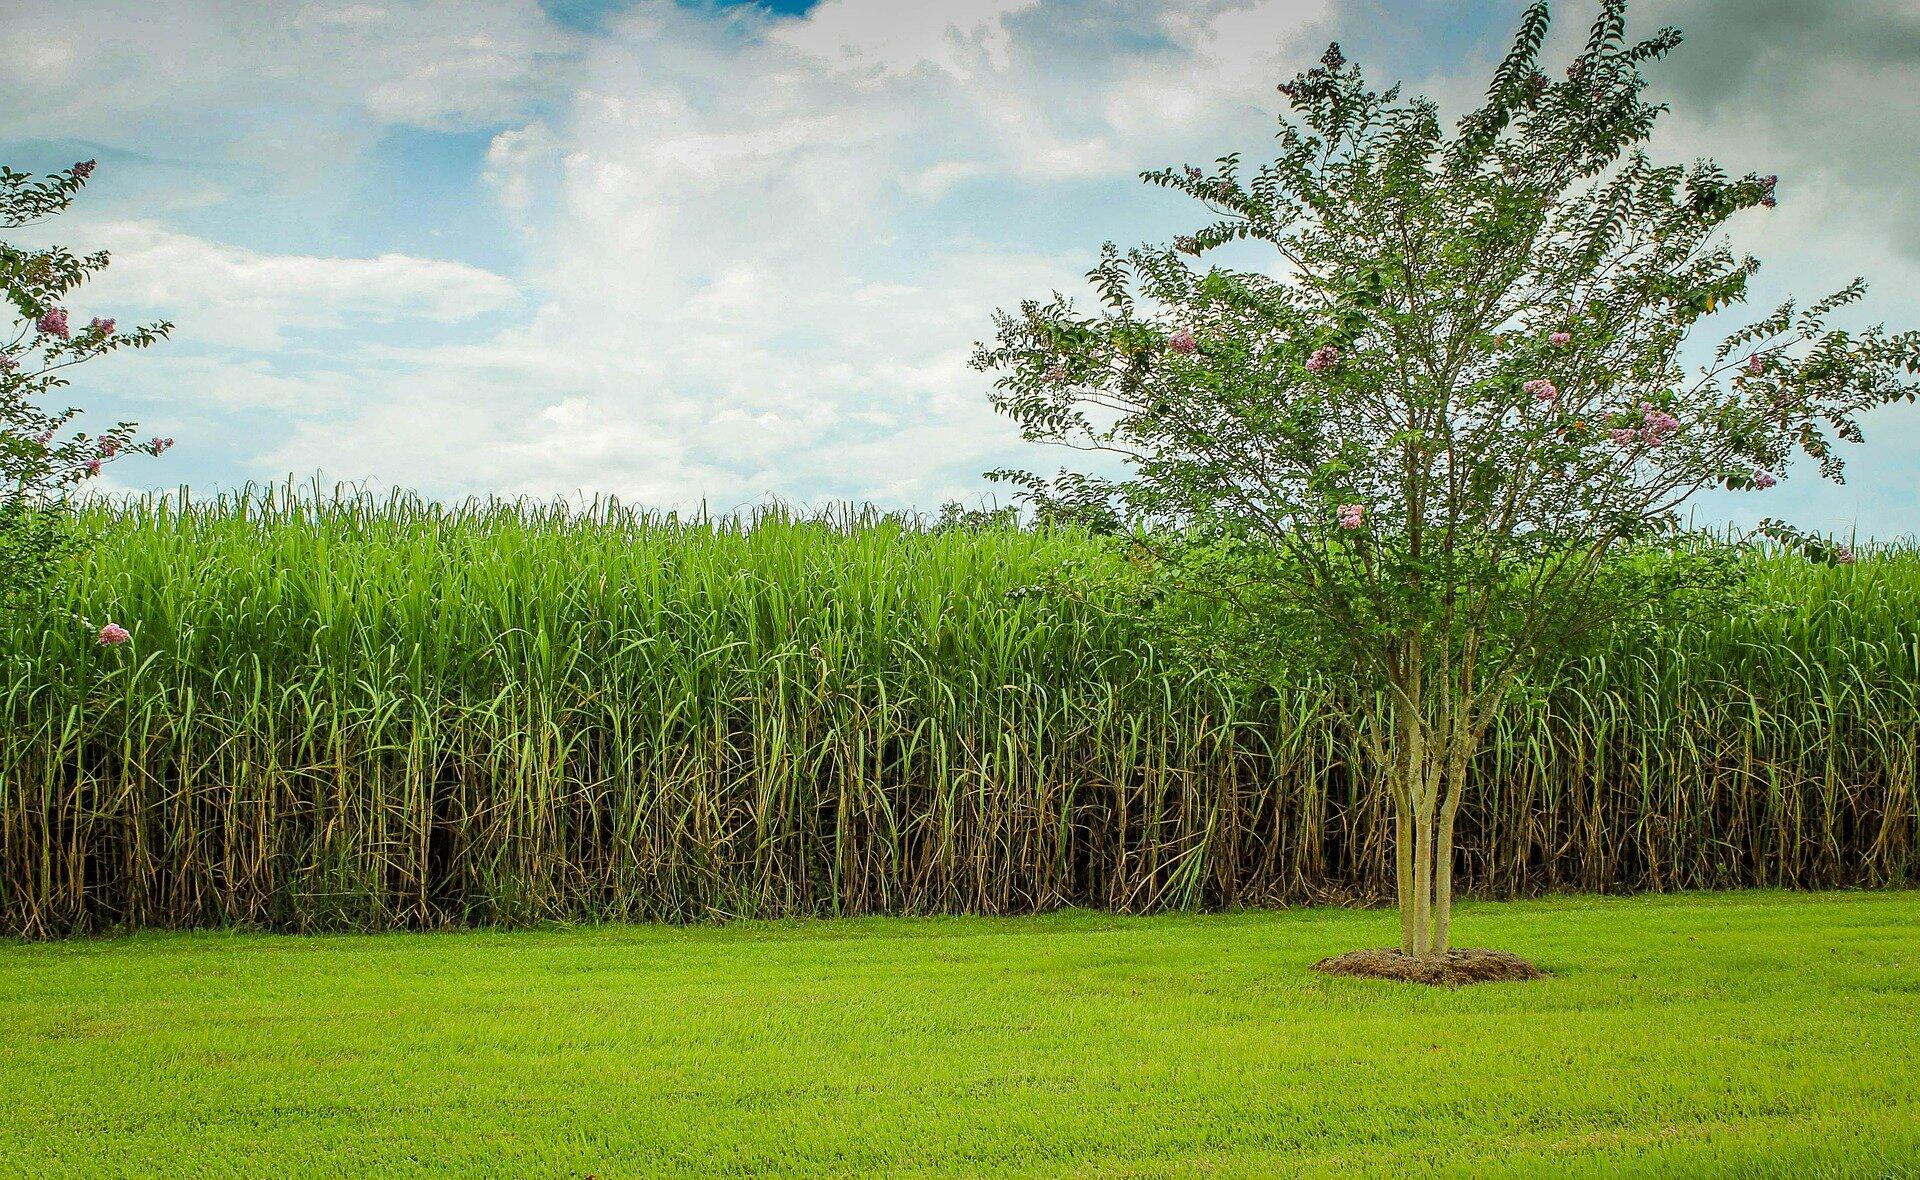 na zdjęciu widać rosnąca trzcinę cukrową